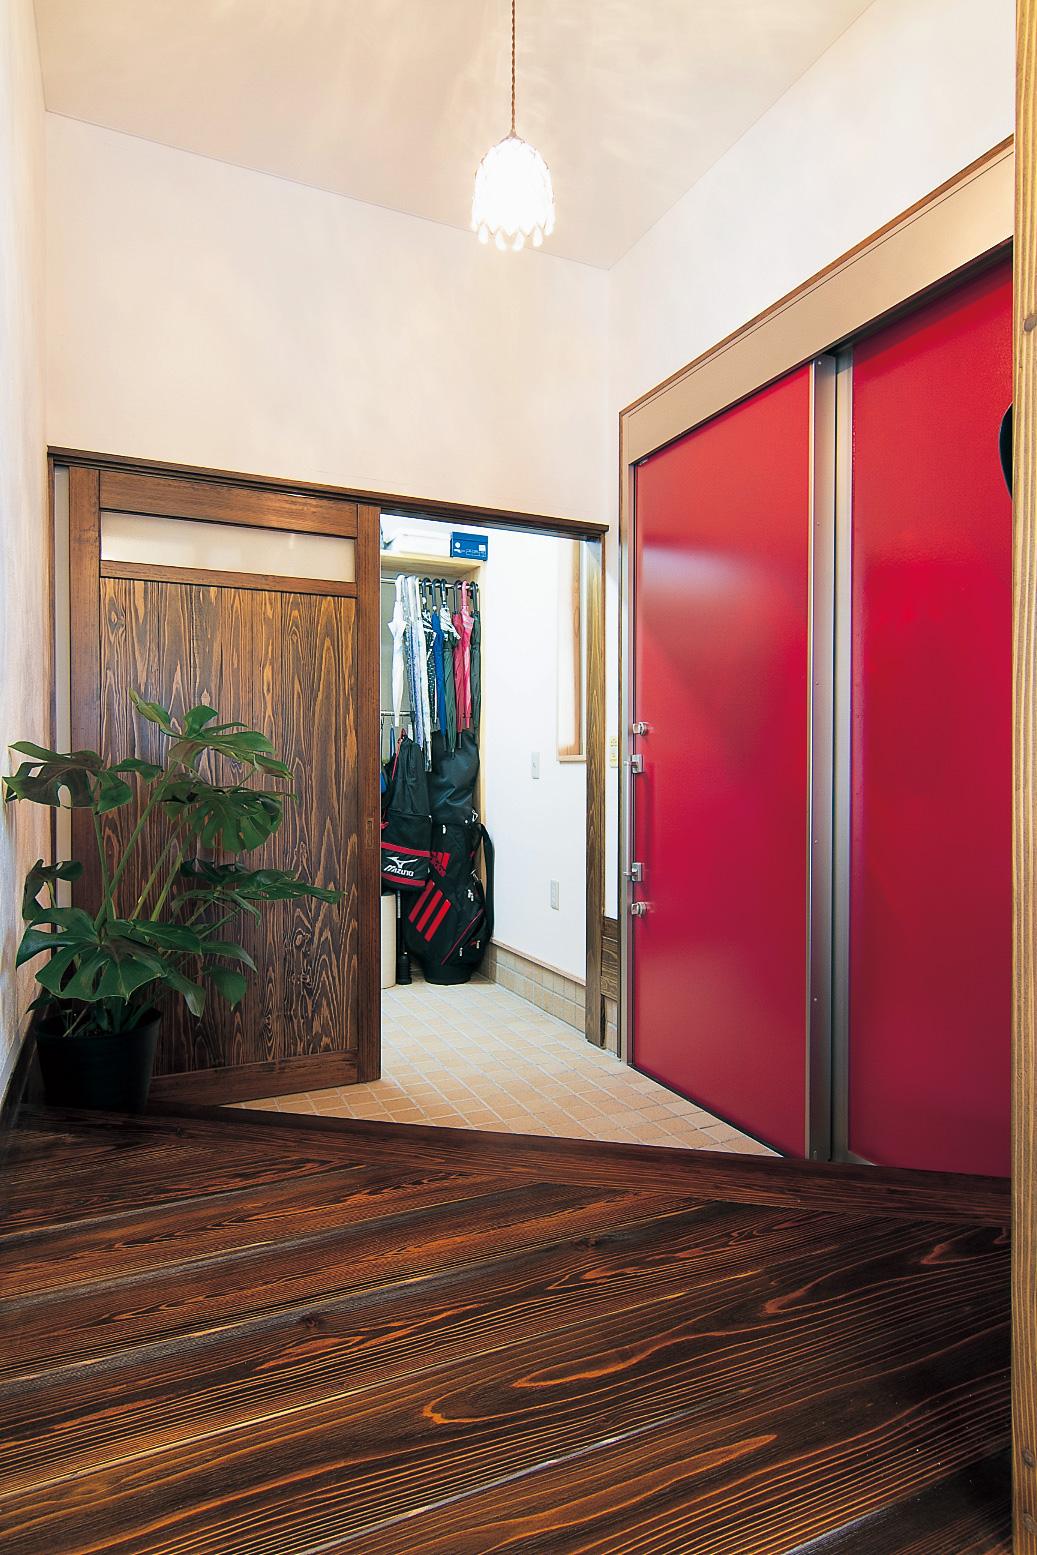 真っ赤なスライドドアが印象的な玄関。ウォークインシューズクロークを通って、直接キッチンへも行ける。ドアの向こうはガレージで濡れずにで切りできて便利